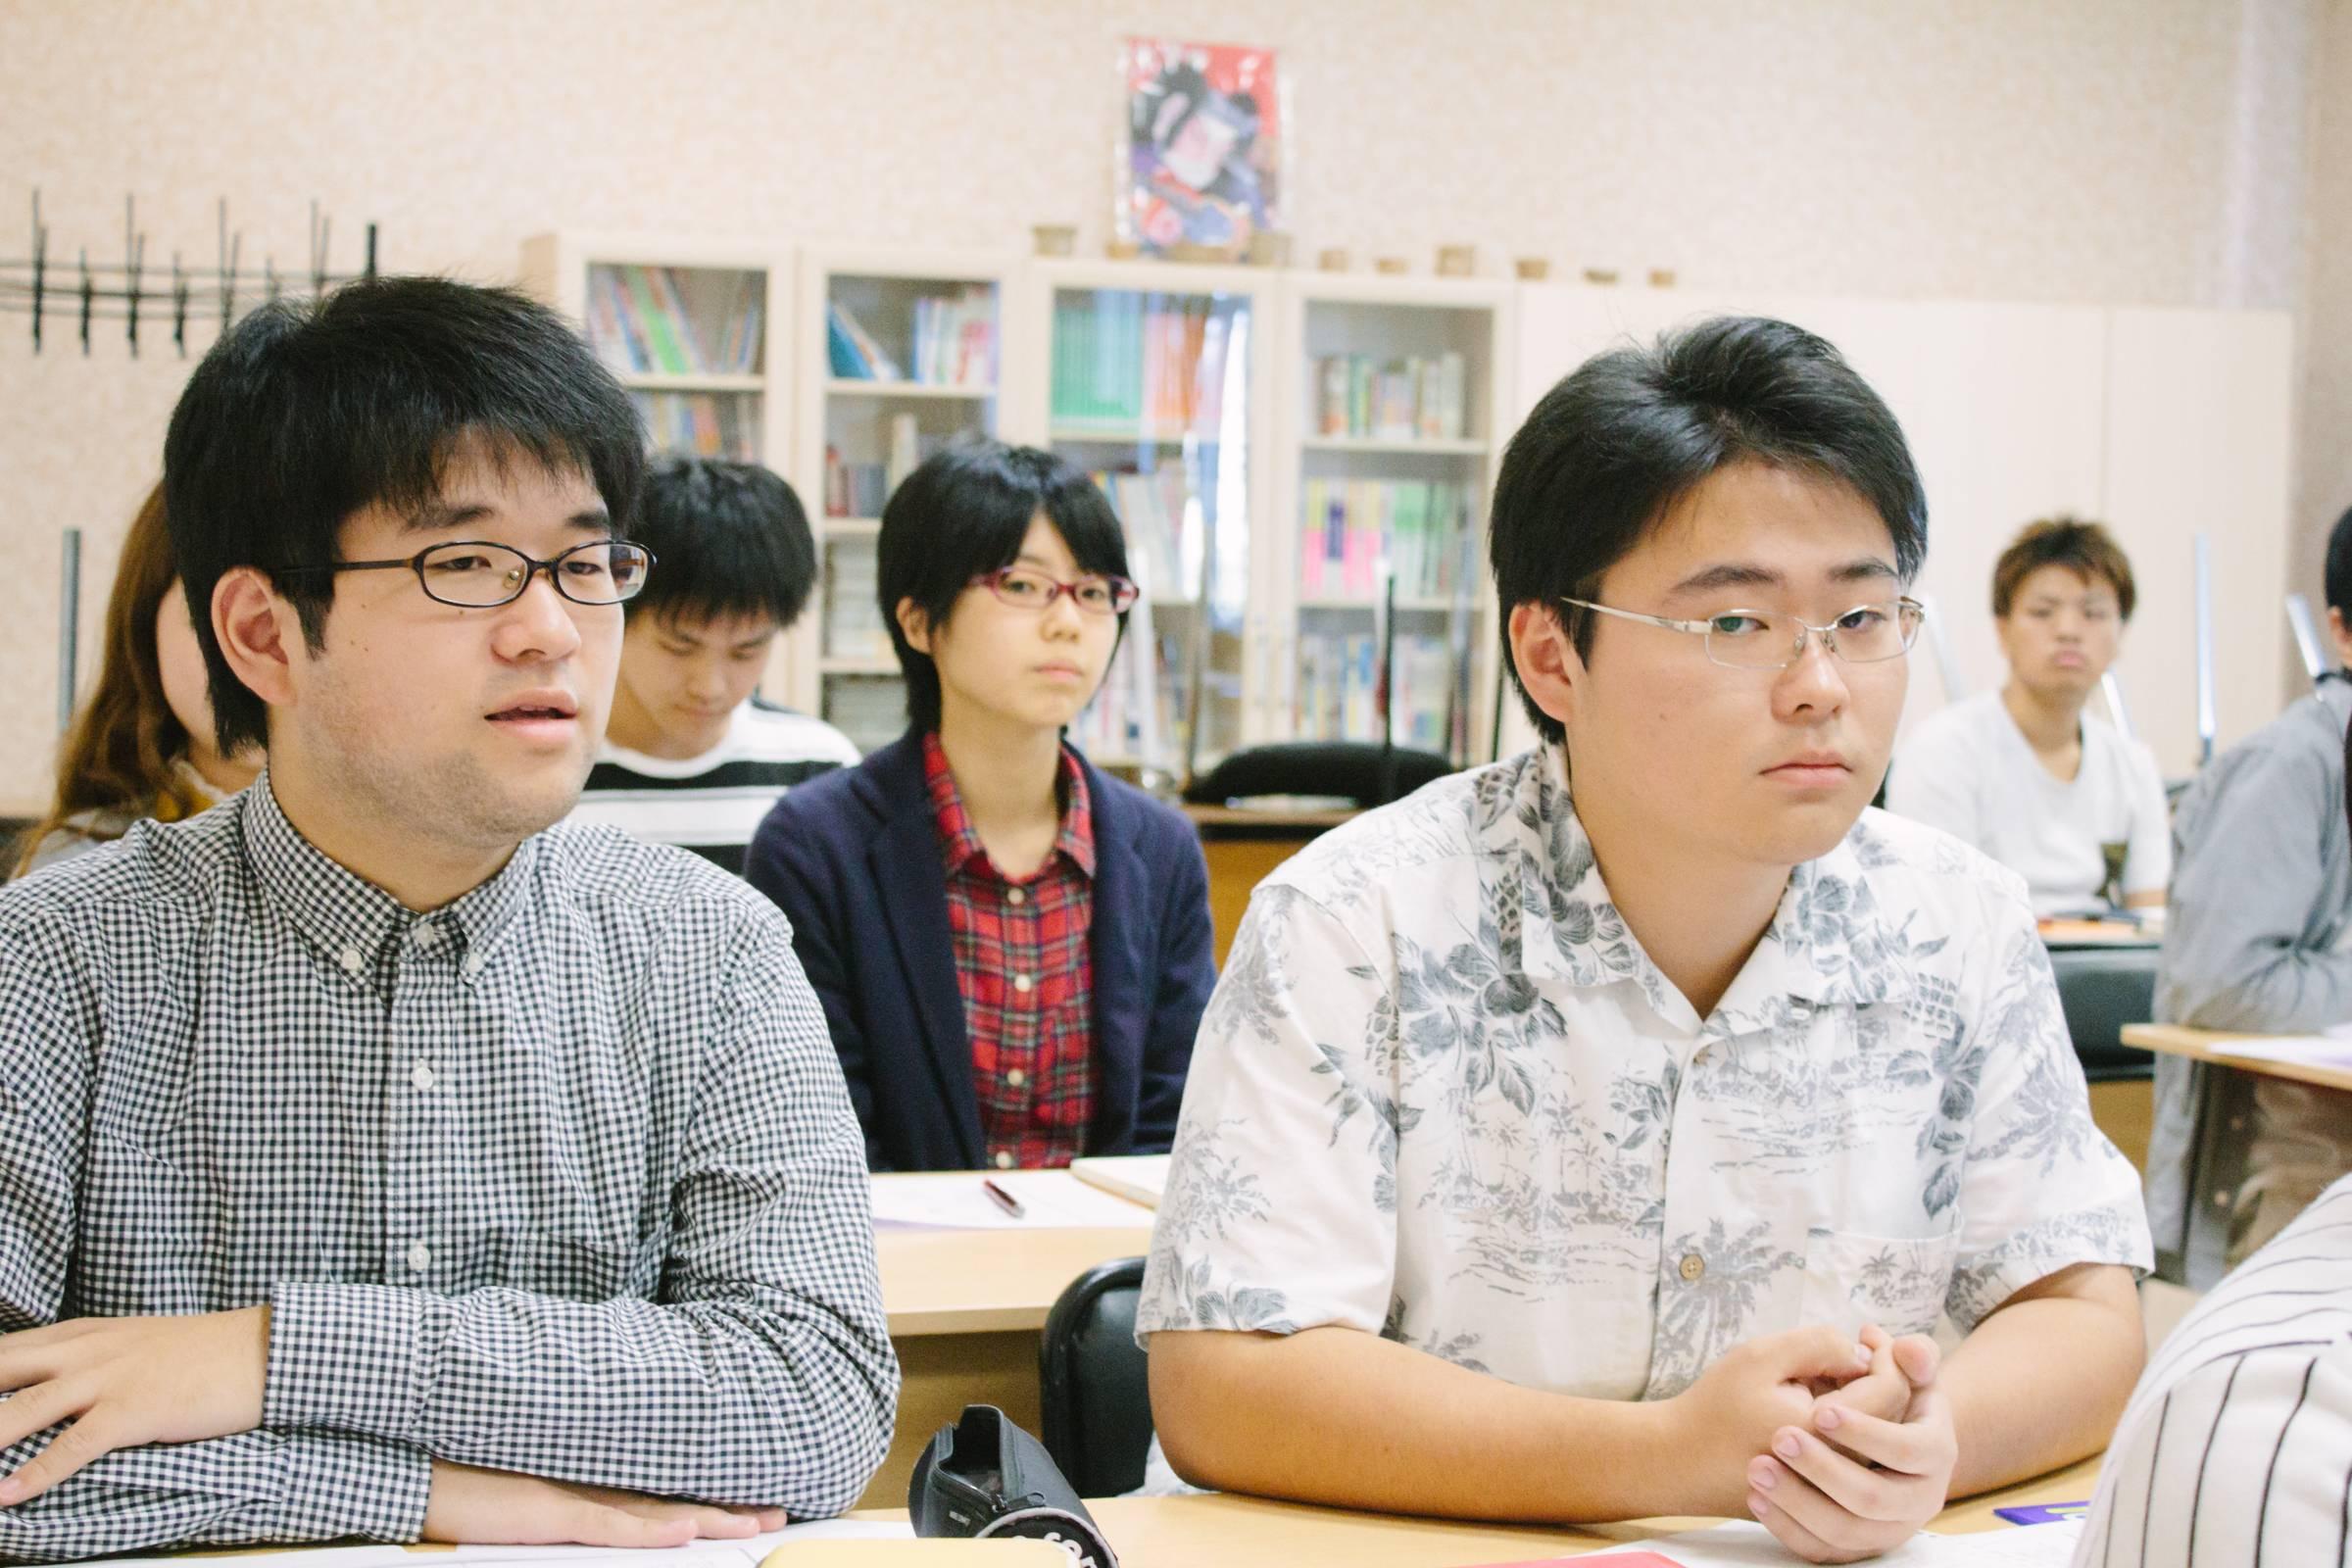 О жизни в японии: условия, стоимость, менталитет